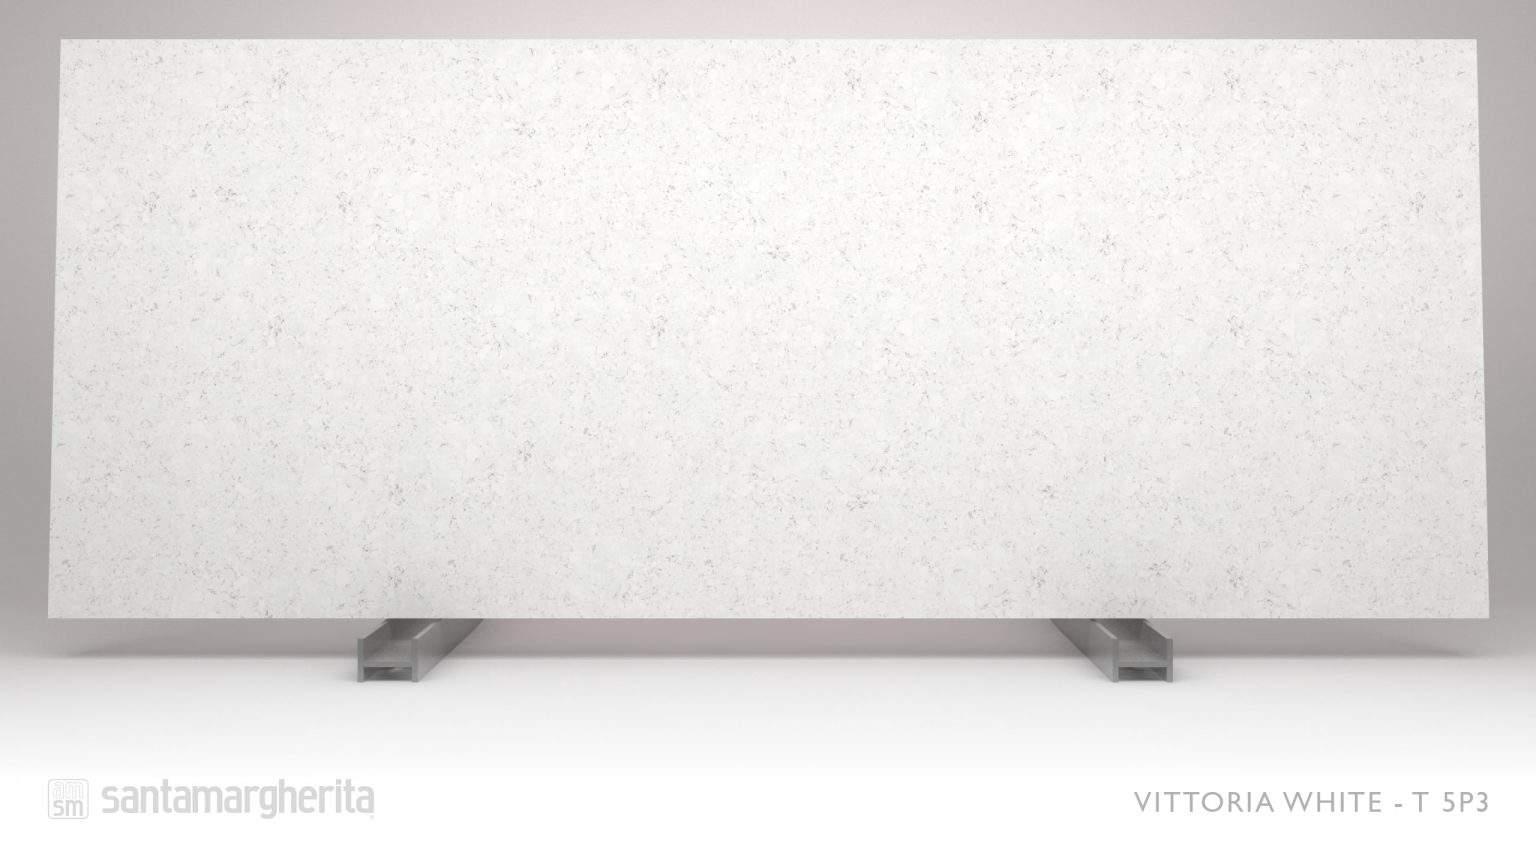 Vittoria White SLAB